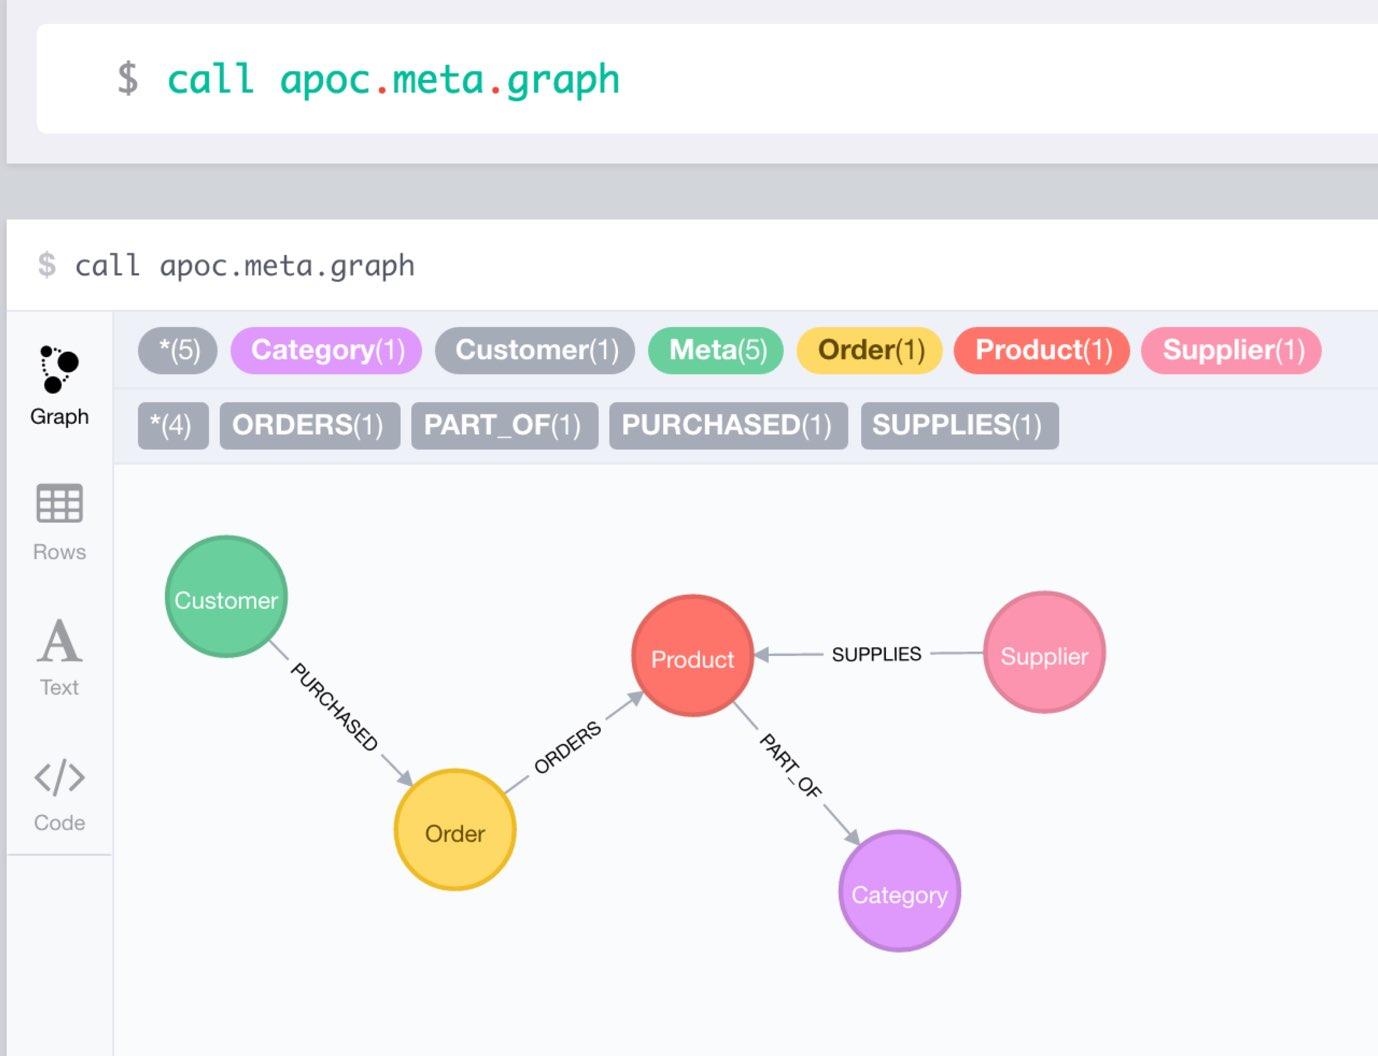 apoc.meta.graph